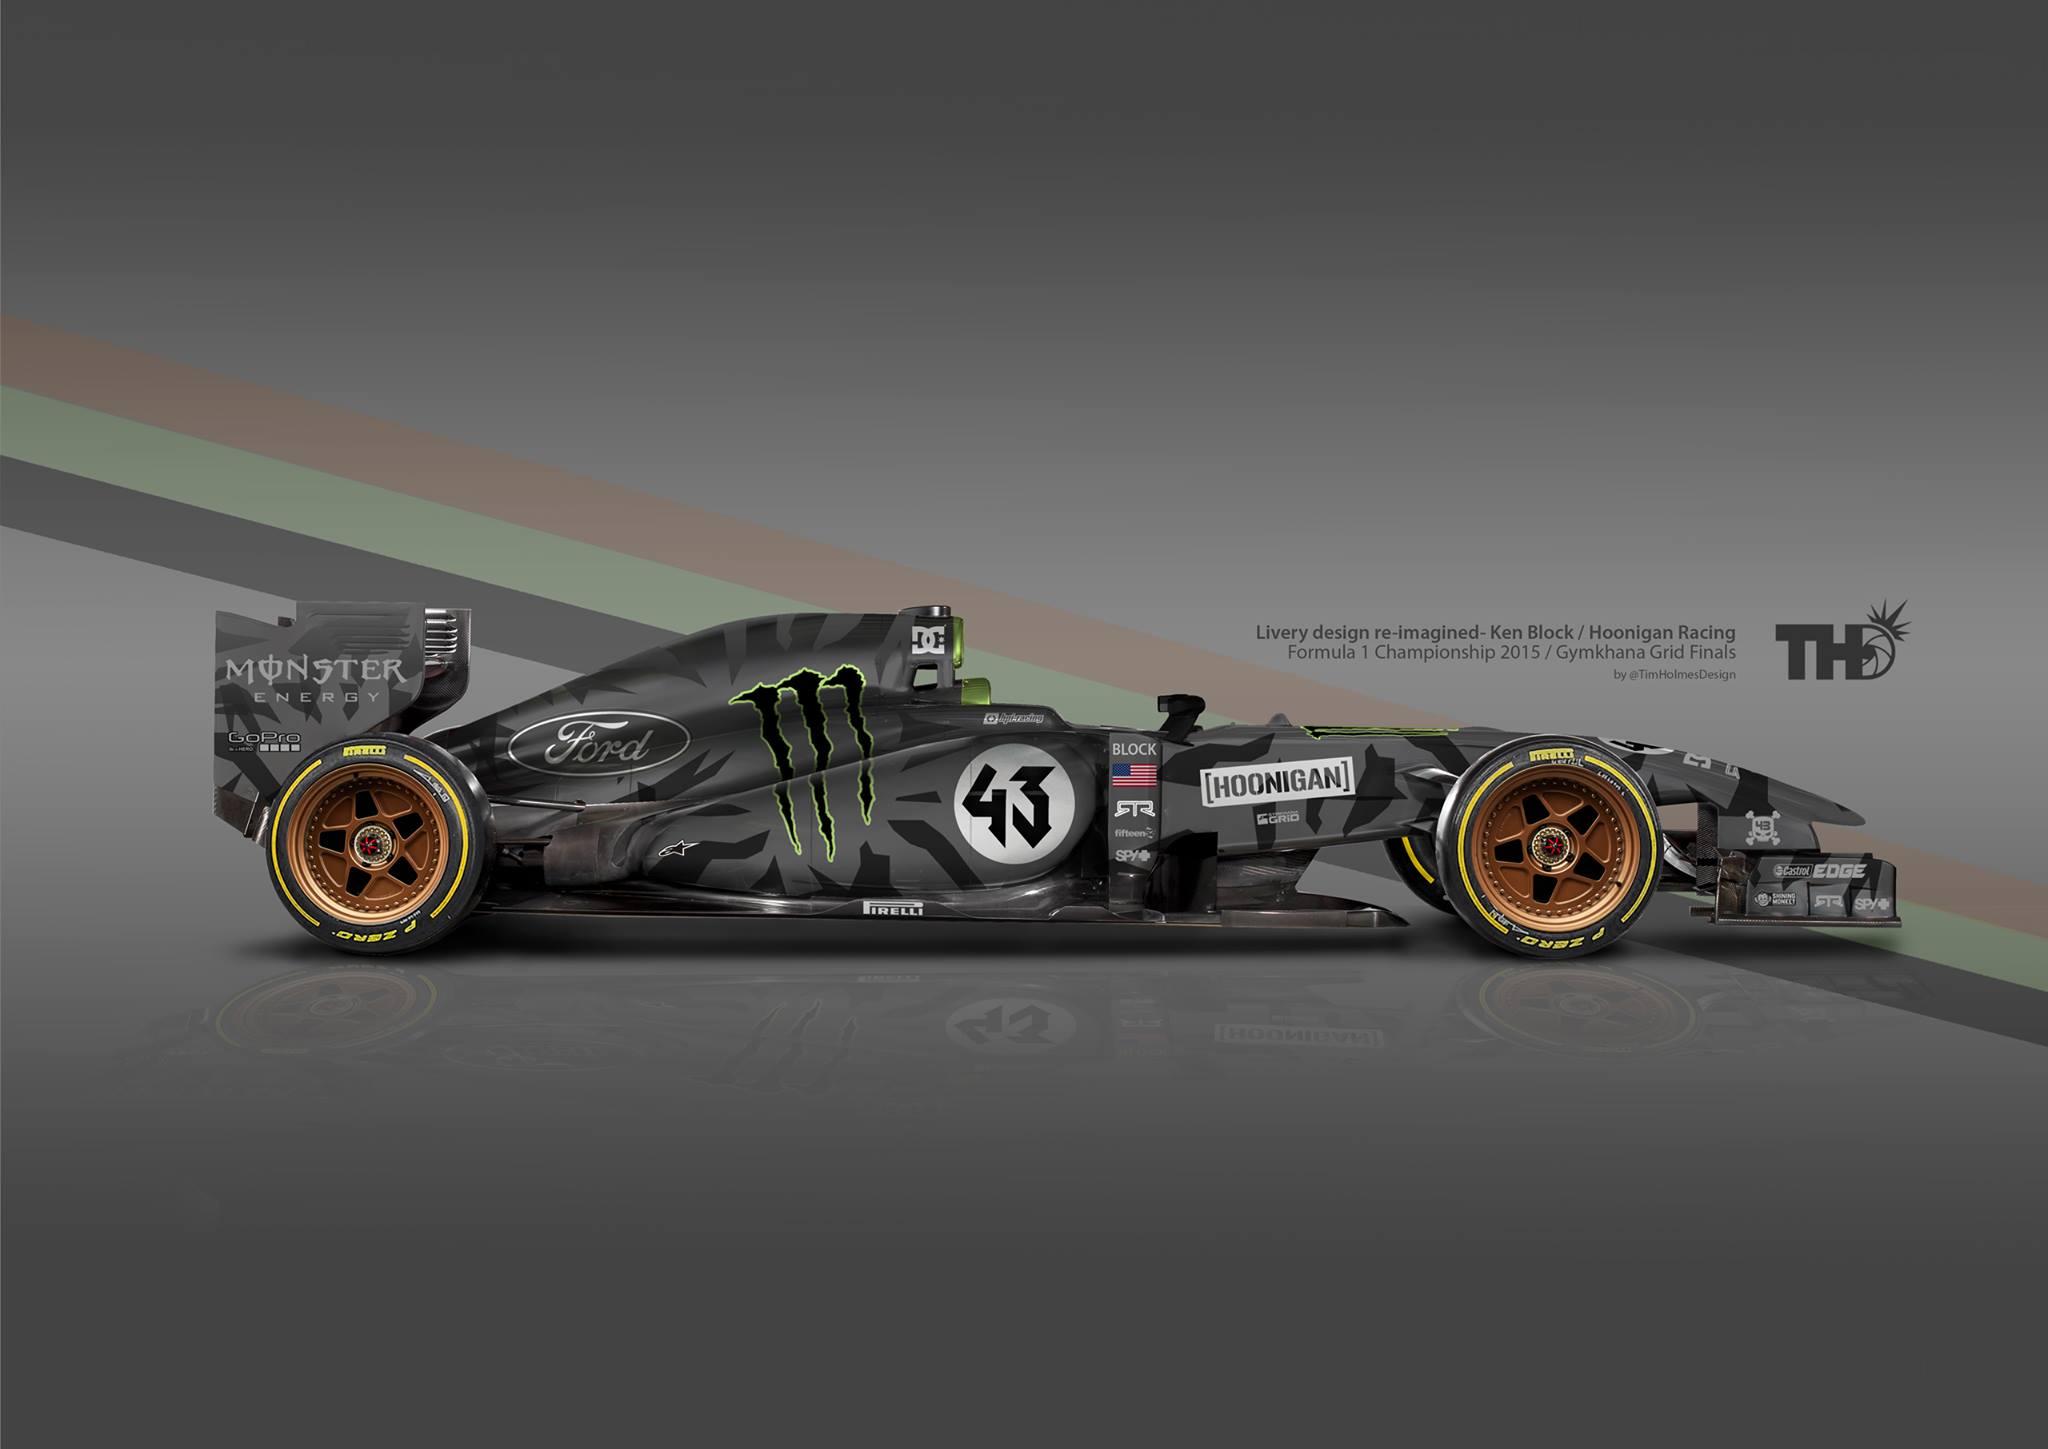 Egy rendkívül menő F1-es festés: Ken Block, Ford és AMERIKA